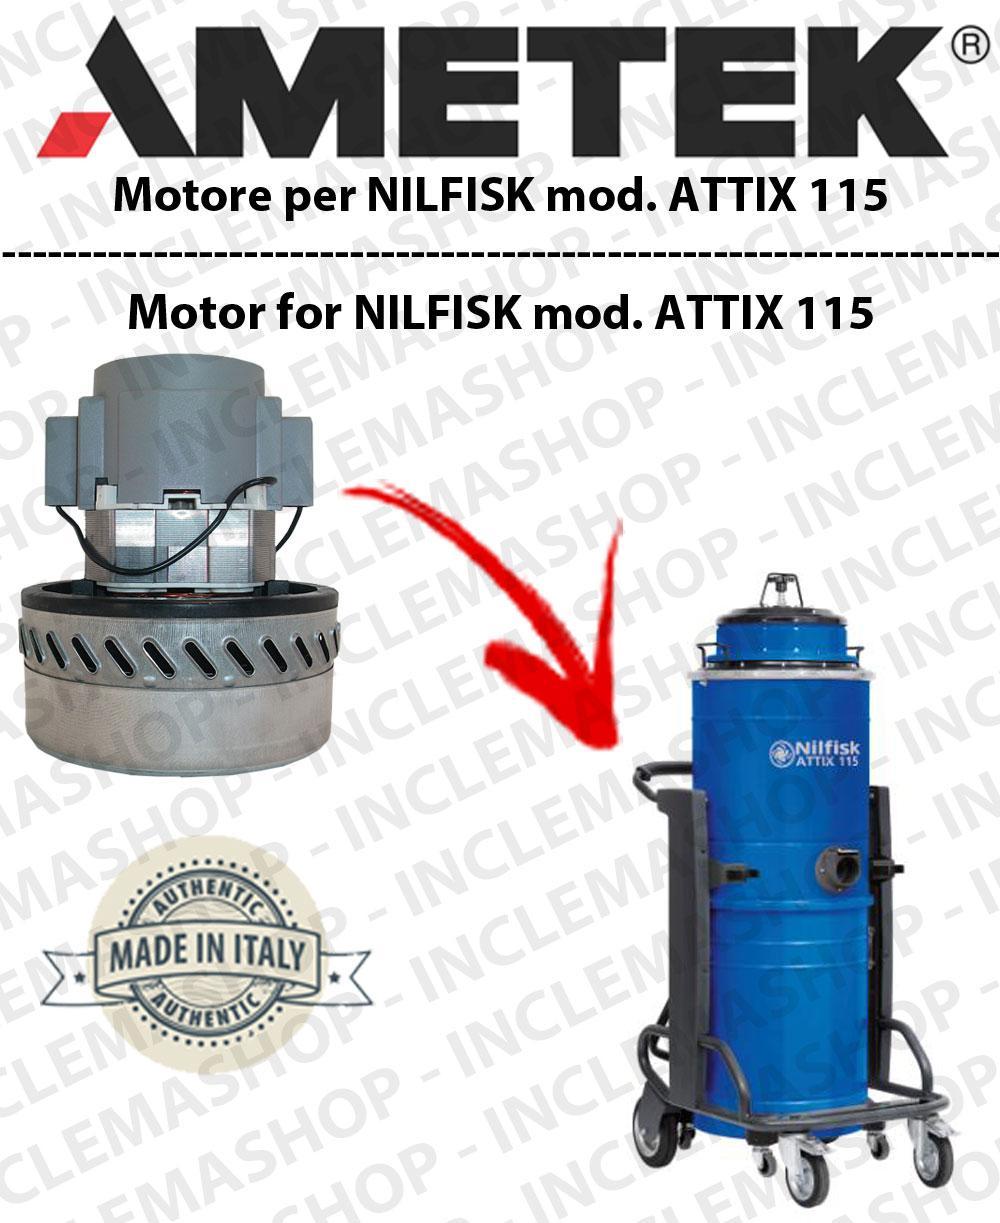 ATTIX 115 moteur aspiration AMETEK pour aspirateurs NILFISK